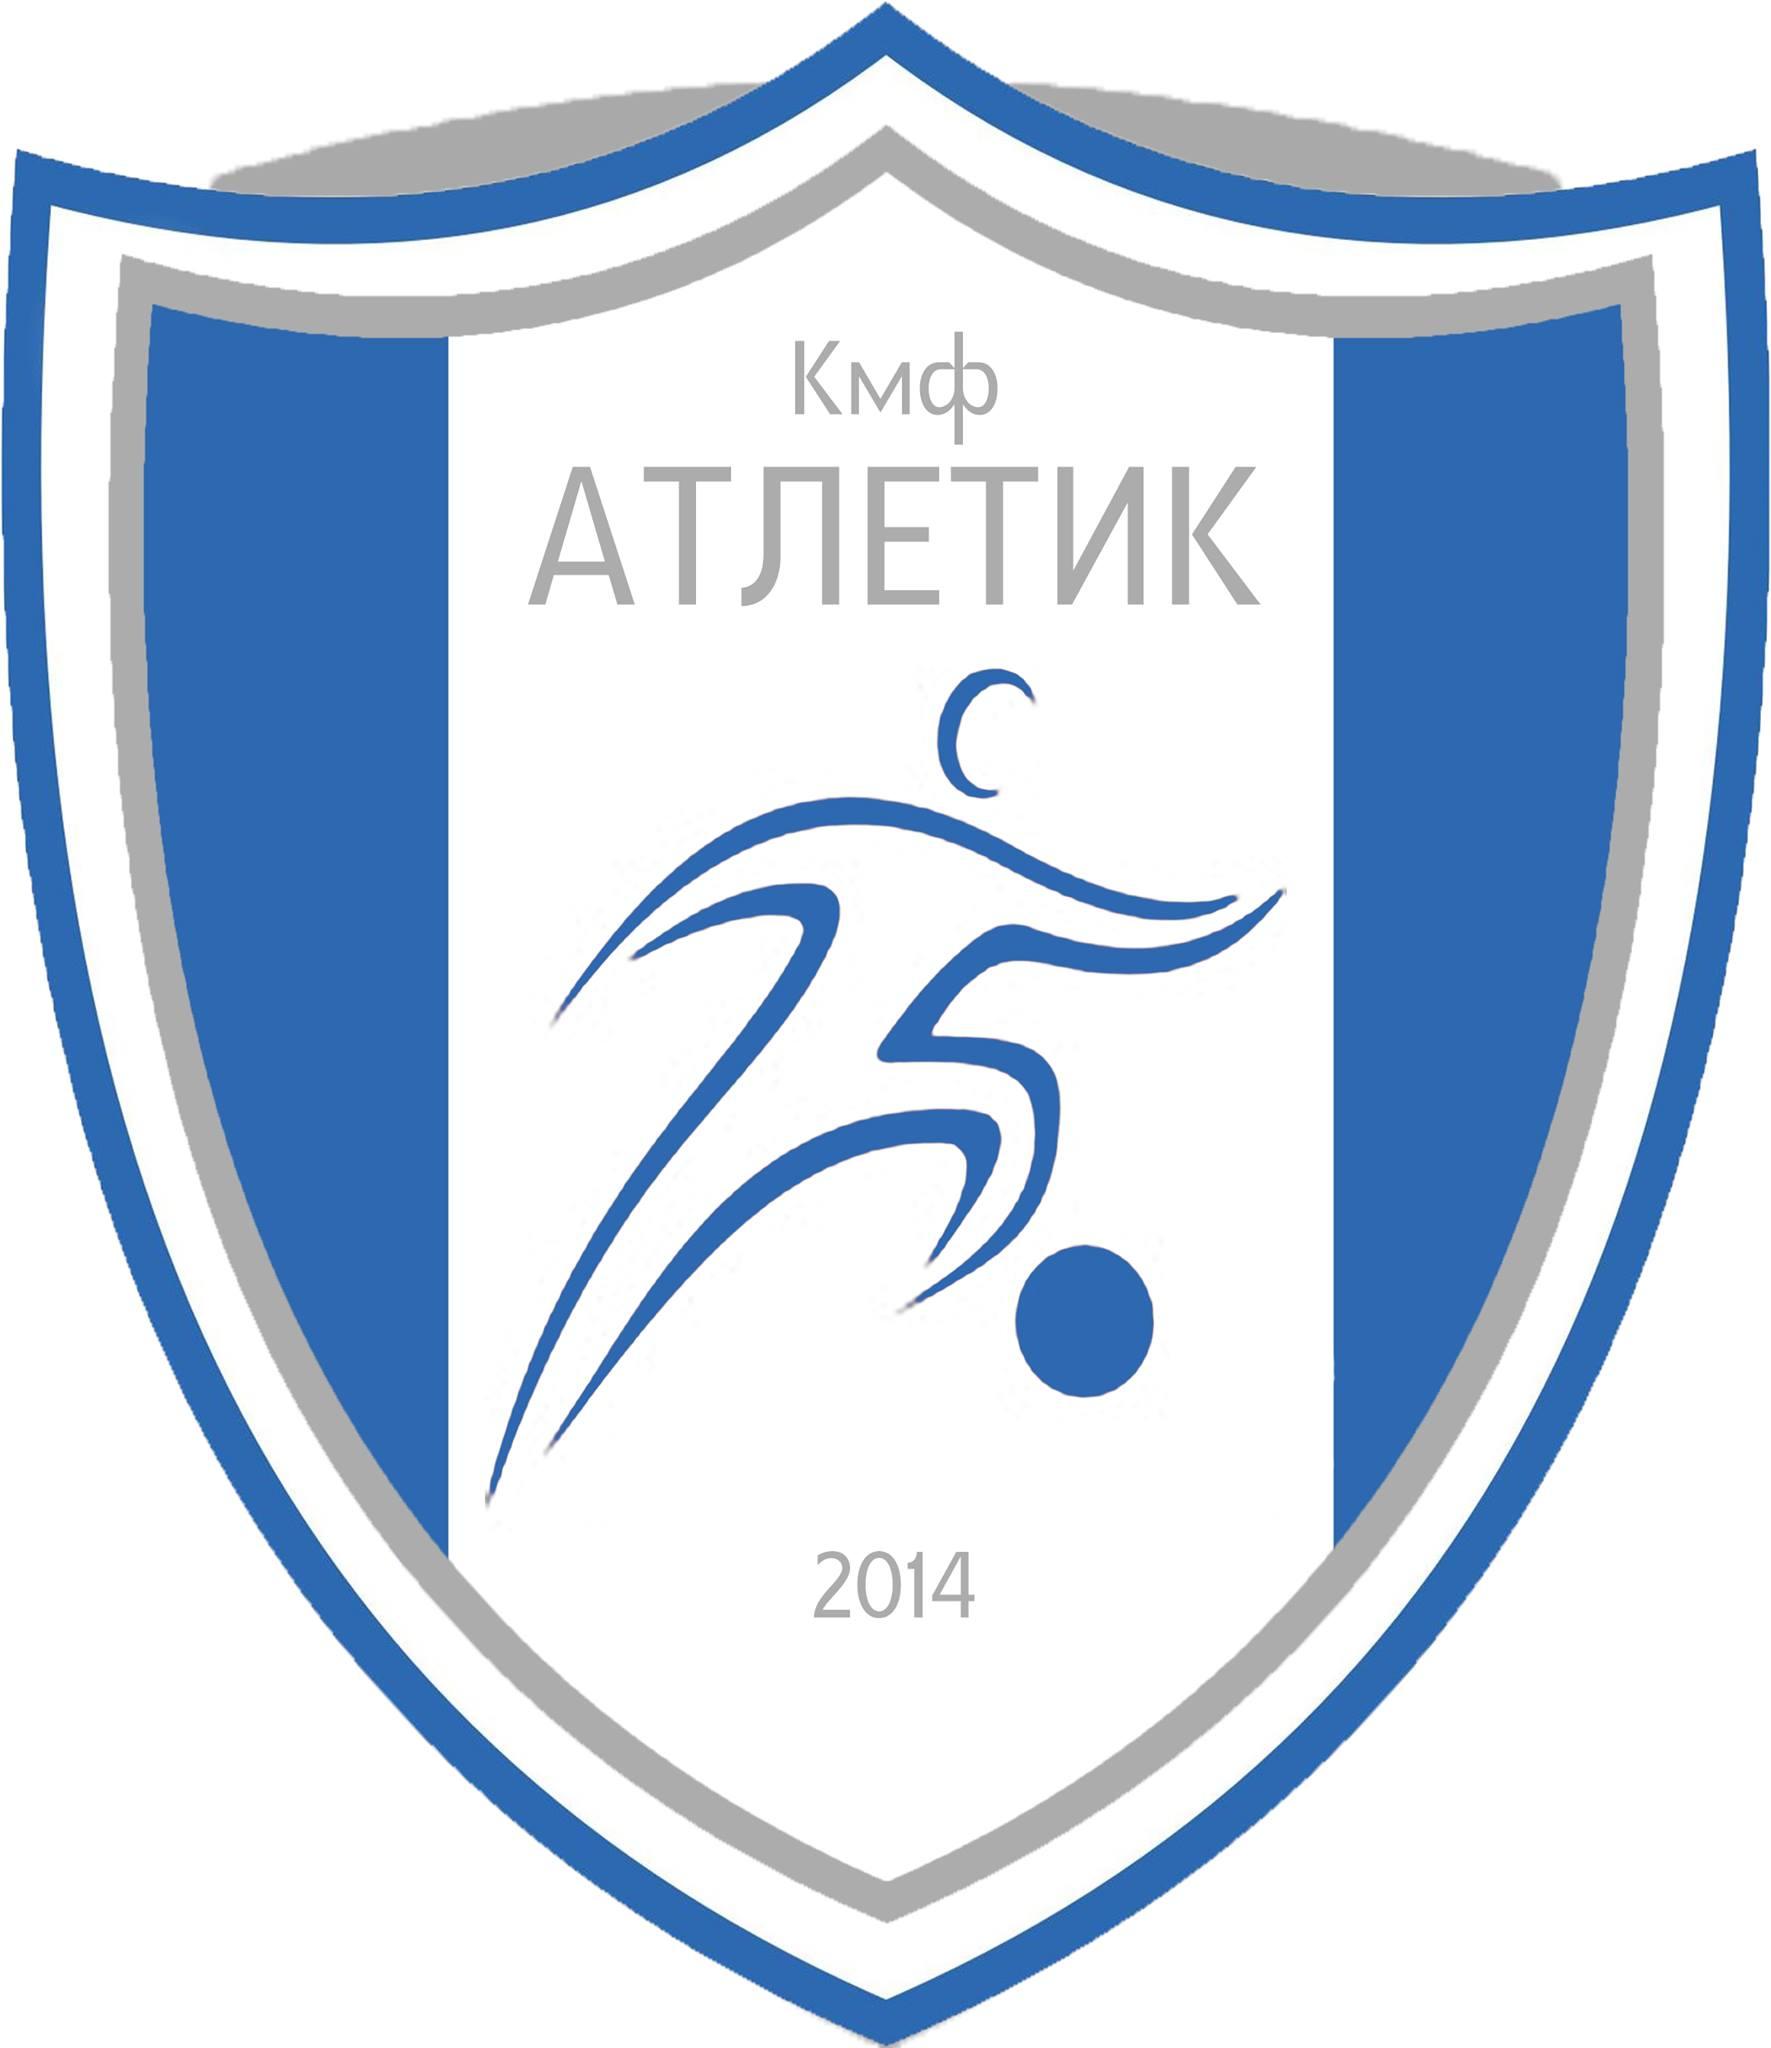 Škola fudbala ATLETIK